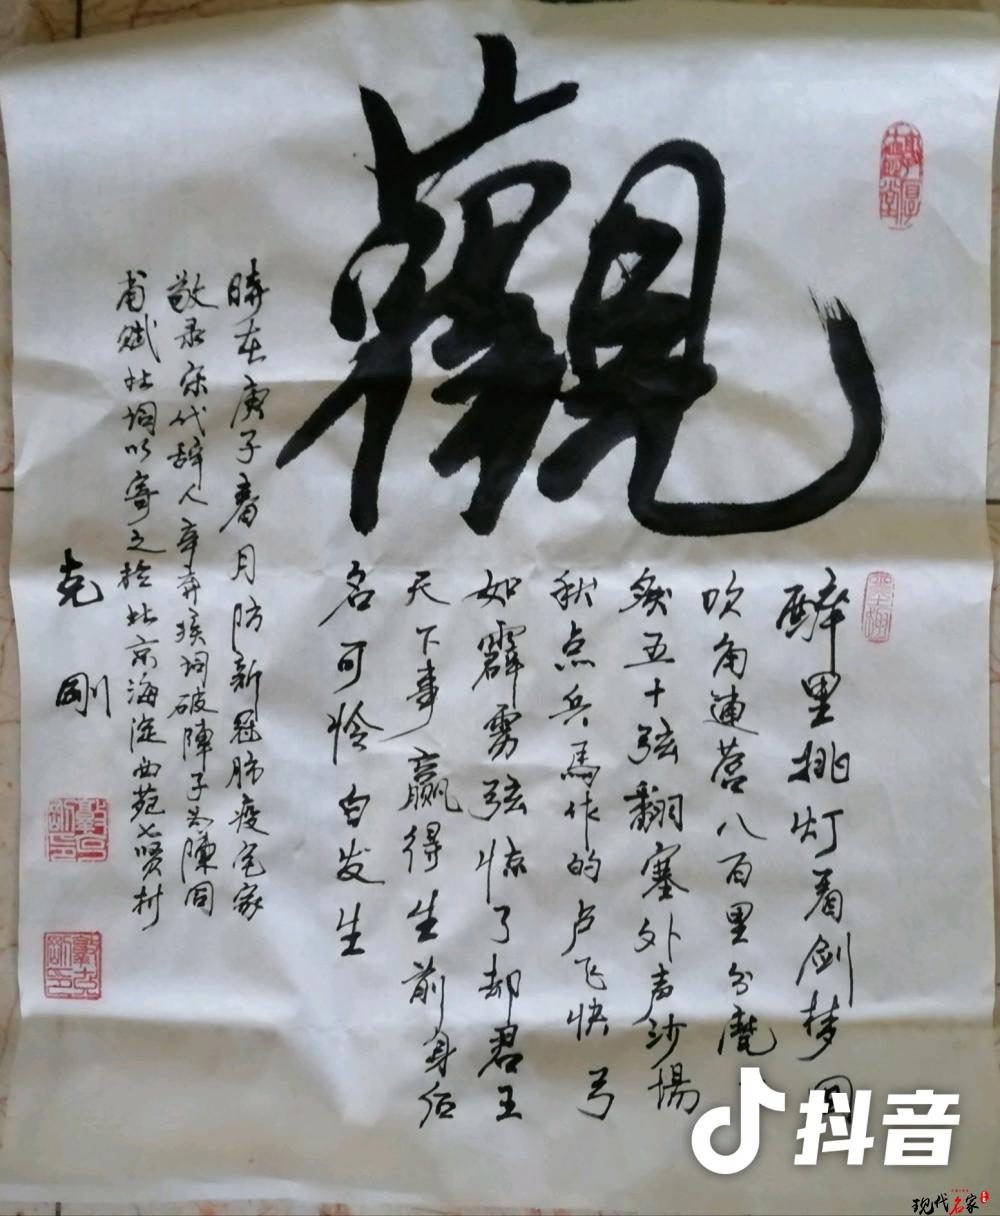 中国现代书法家——崔炳顺、卞为鹏、敦克刚-第9张